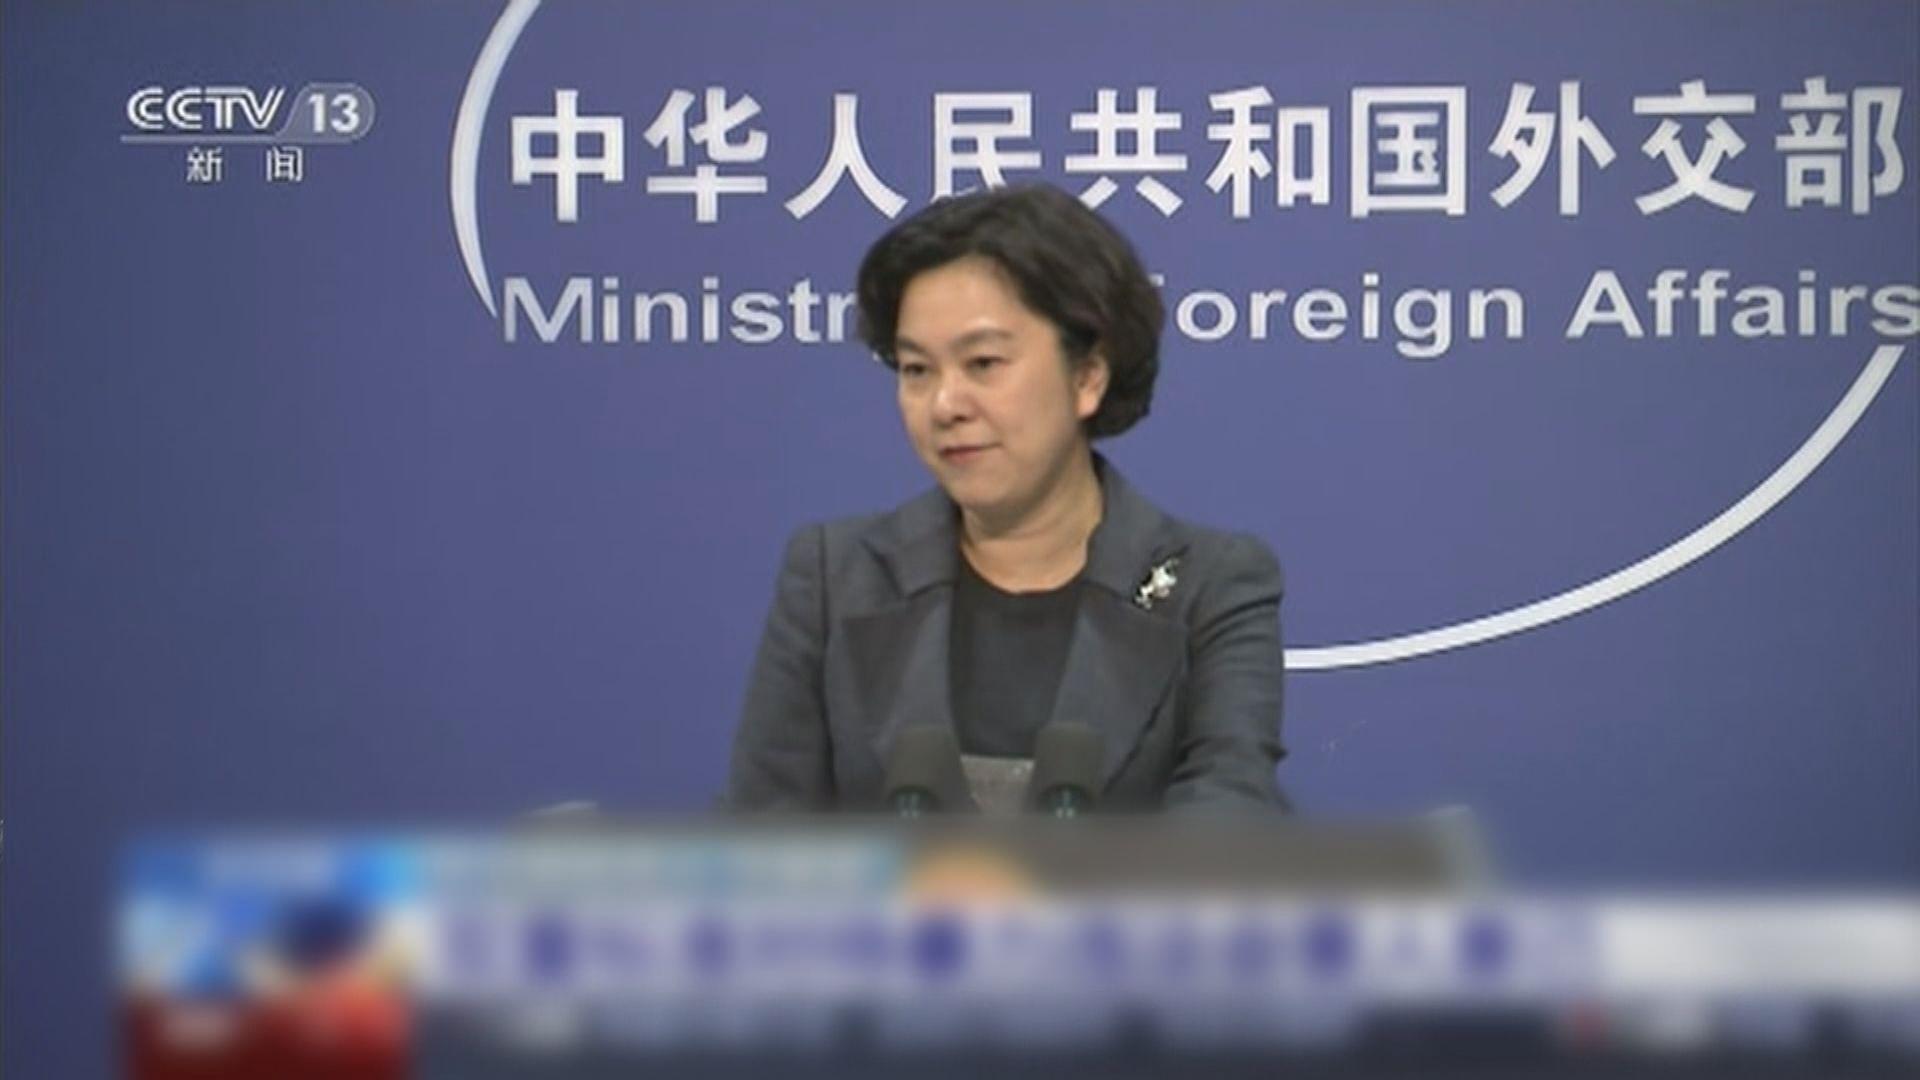 外交部指西方對暴力違法活動持雙重標準